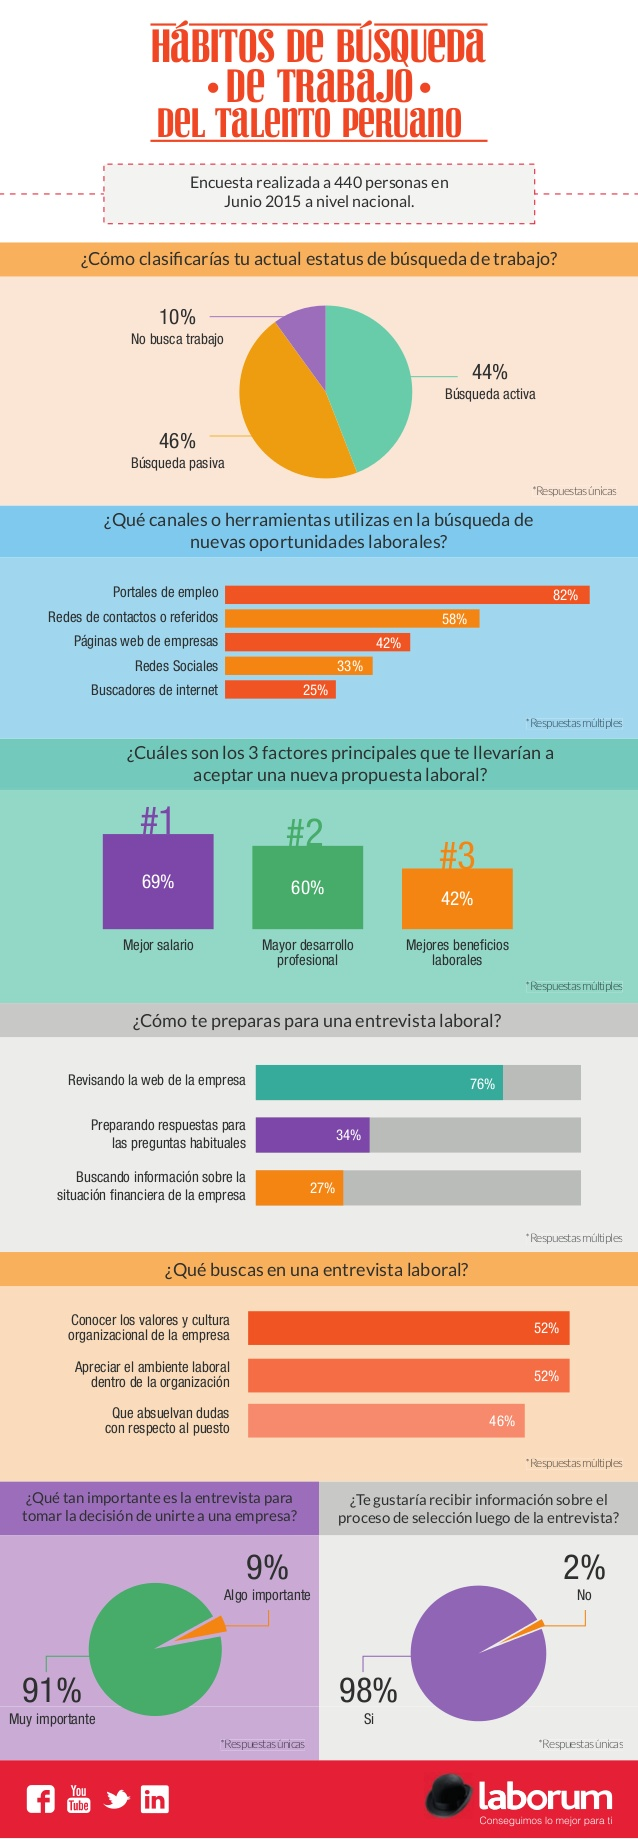 Hábitos de búsqueda de trabajo del talento peruano